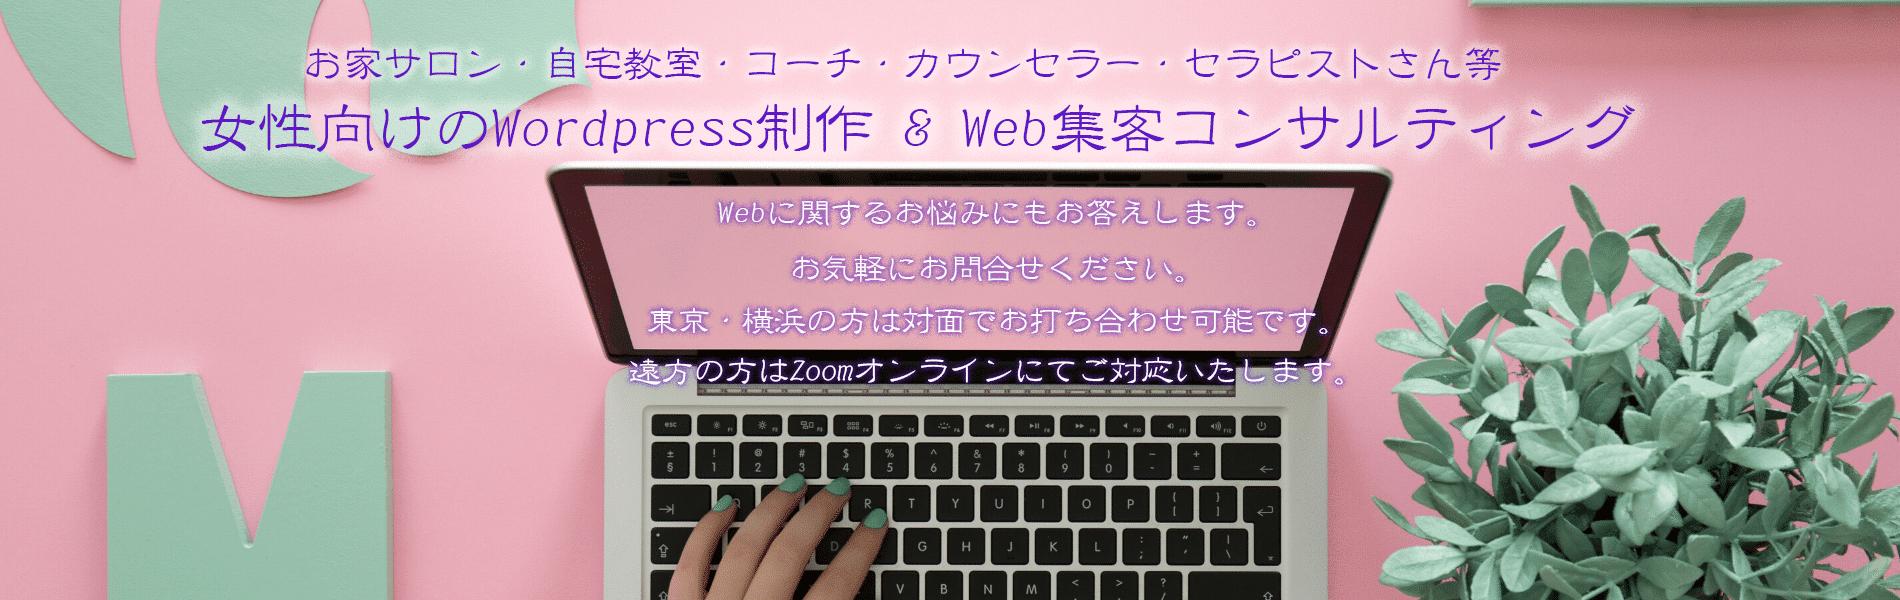 女性向け自宅サロンホームページ制作Web集客@東京・横浜・オンライン ヘッダー画像3